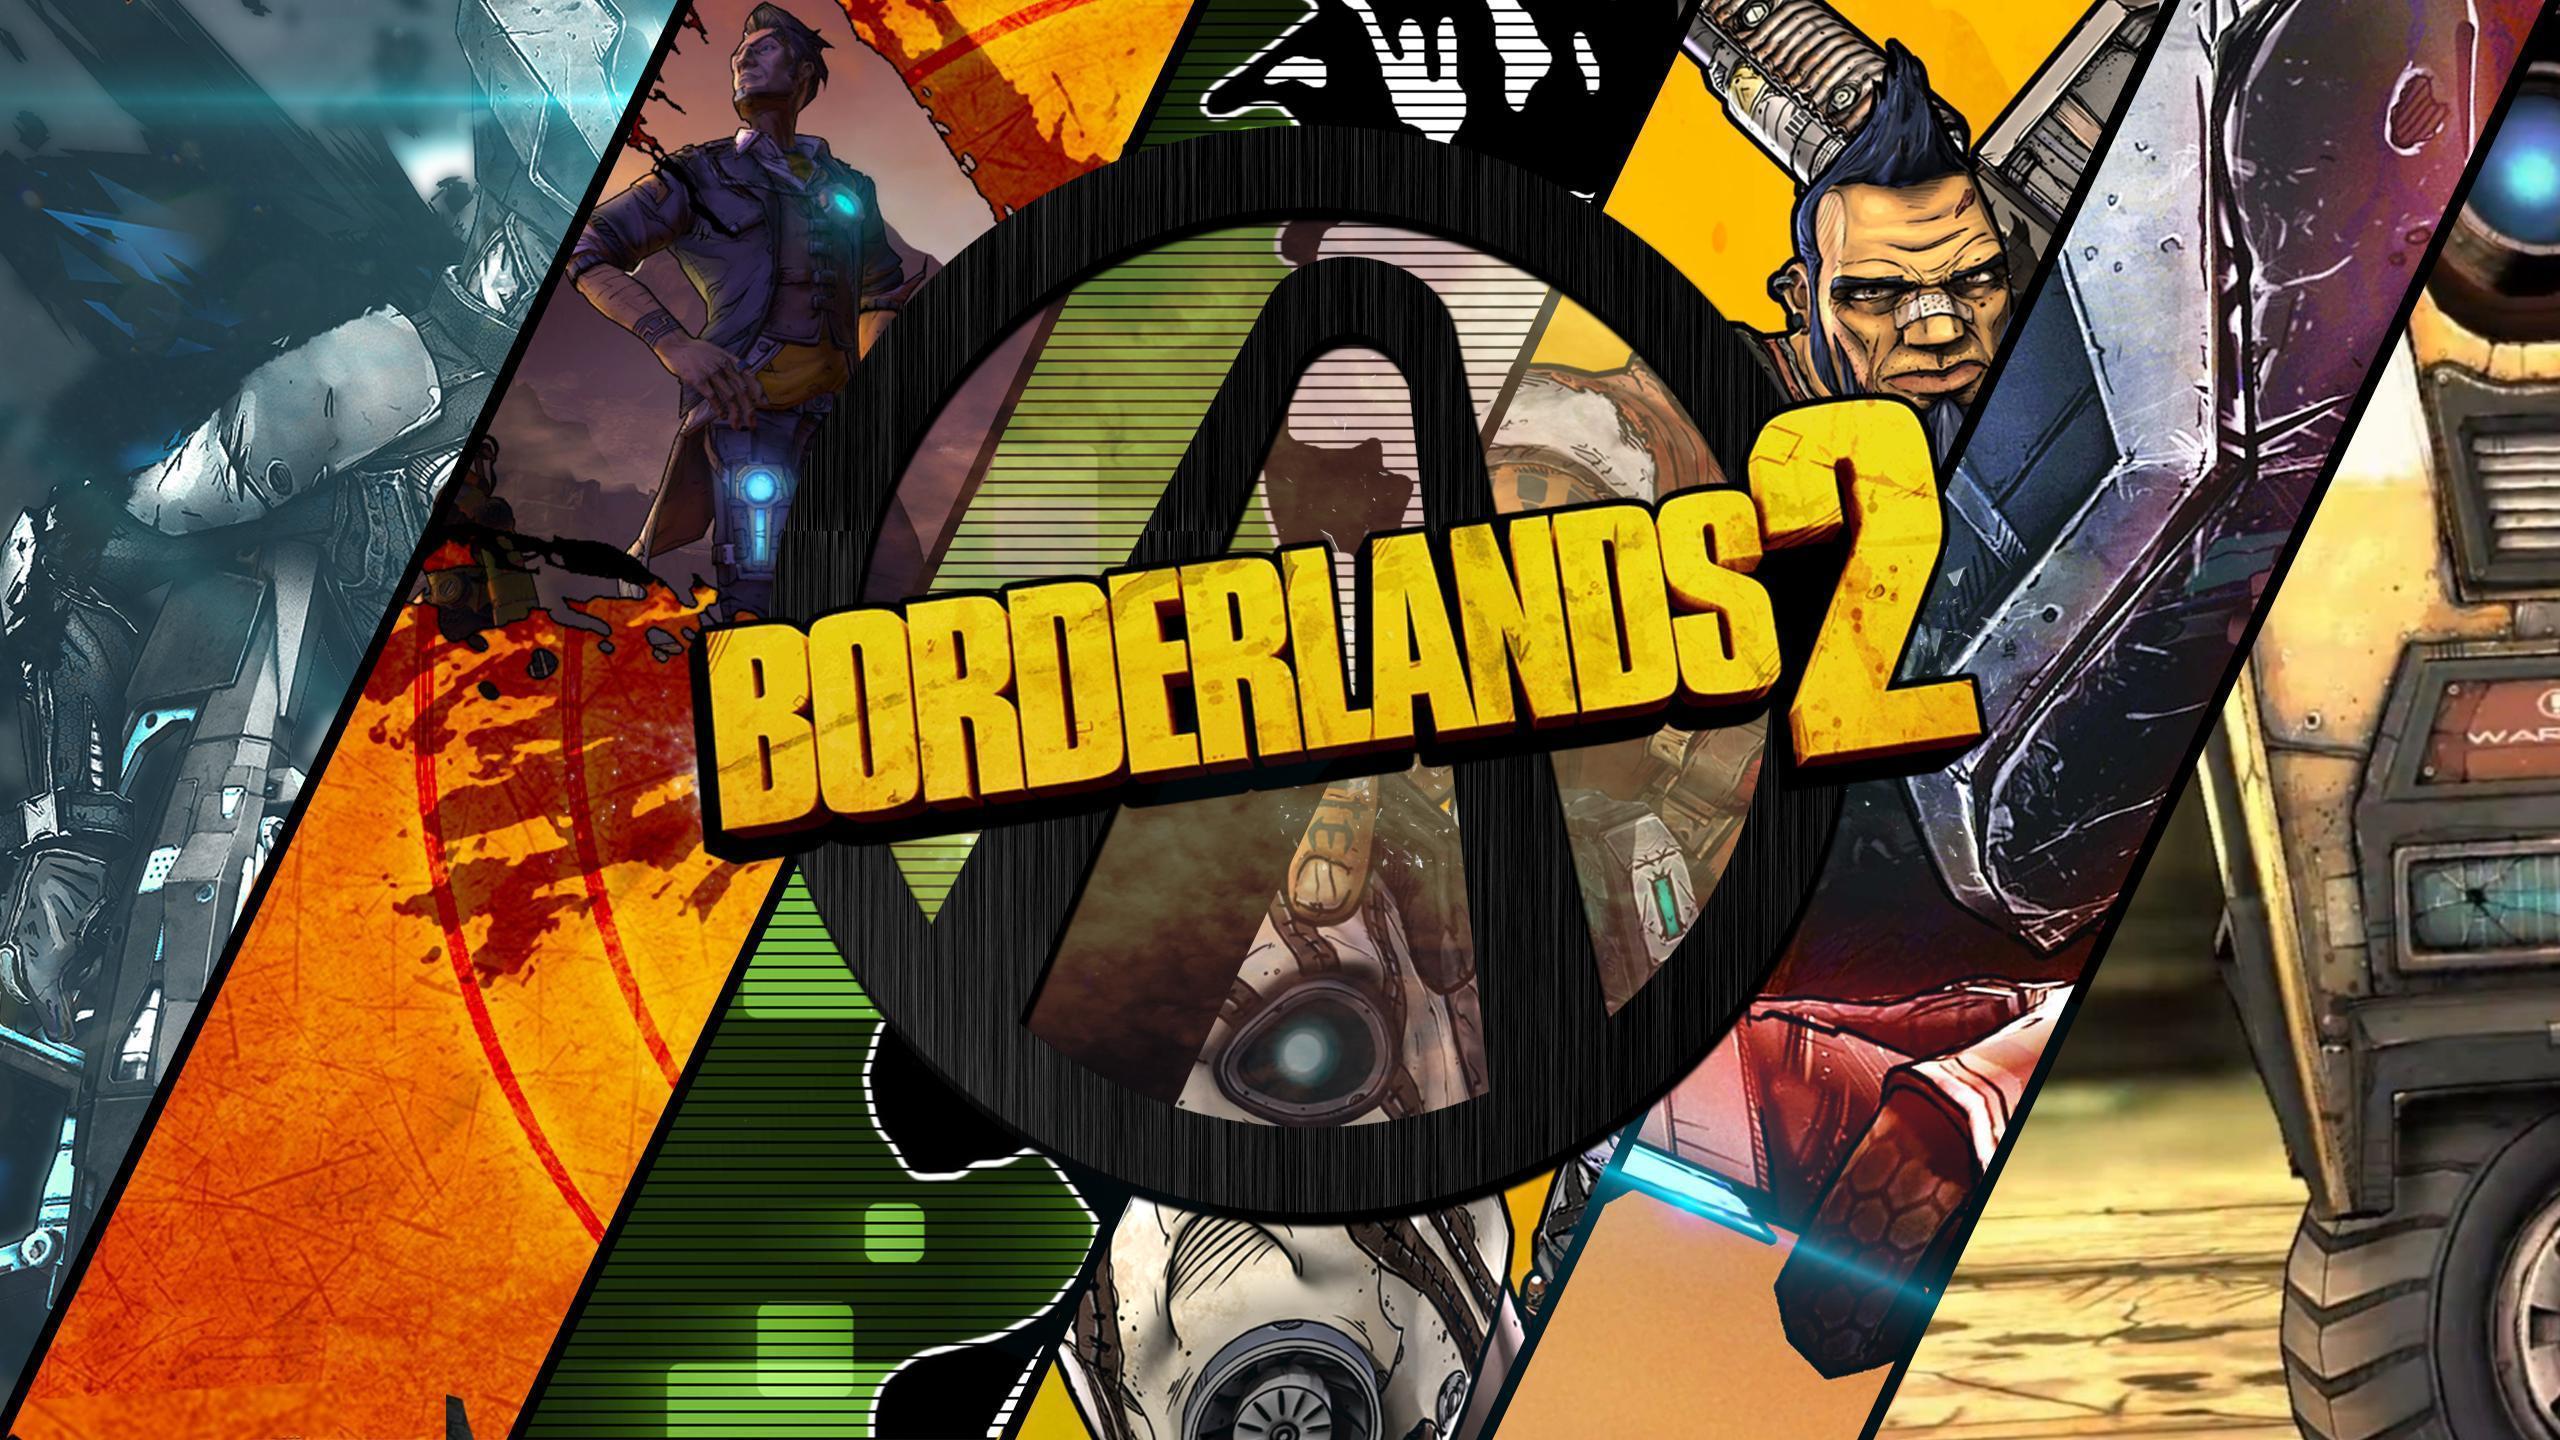 Borderlands 2 Backgrounds